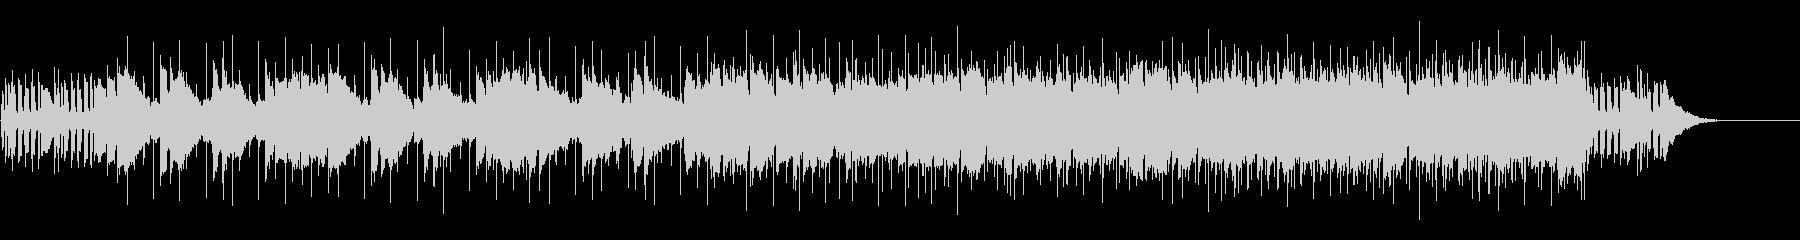 リリカルなメロディのポップ・バラードの未再生の波形